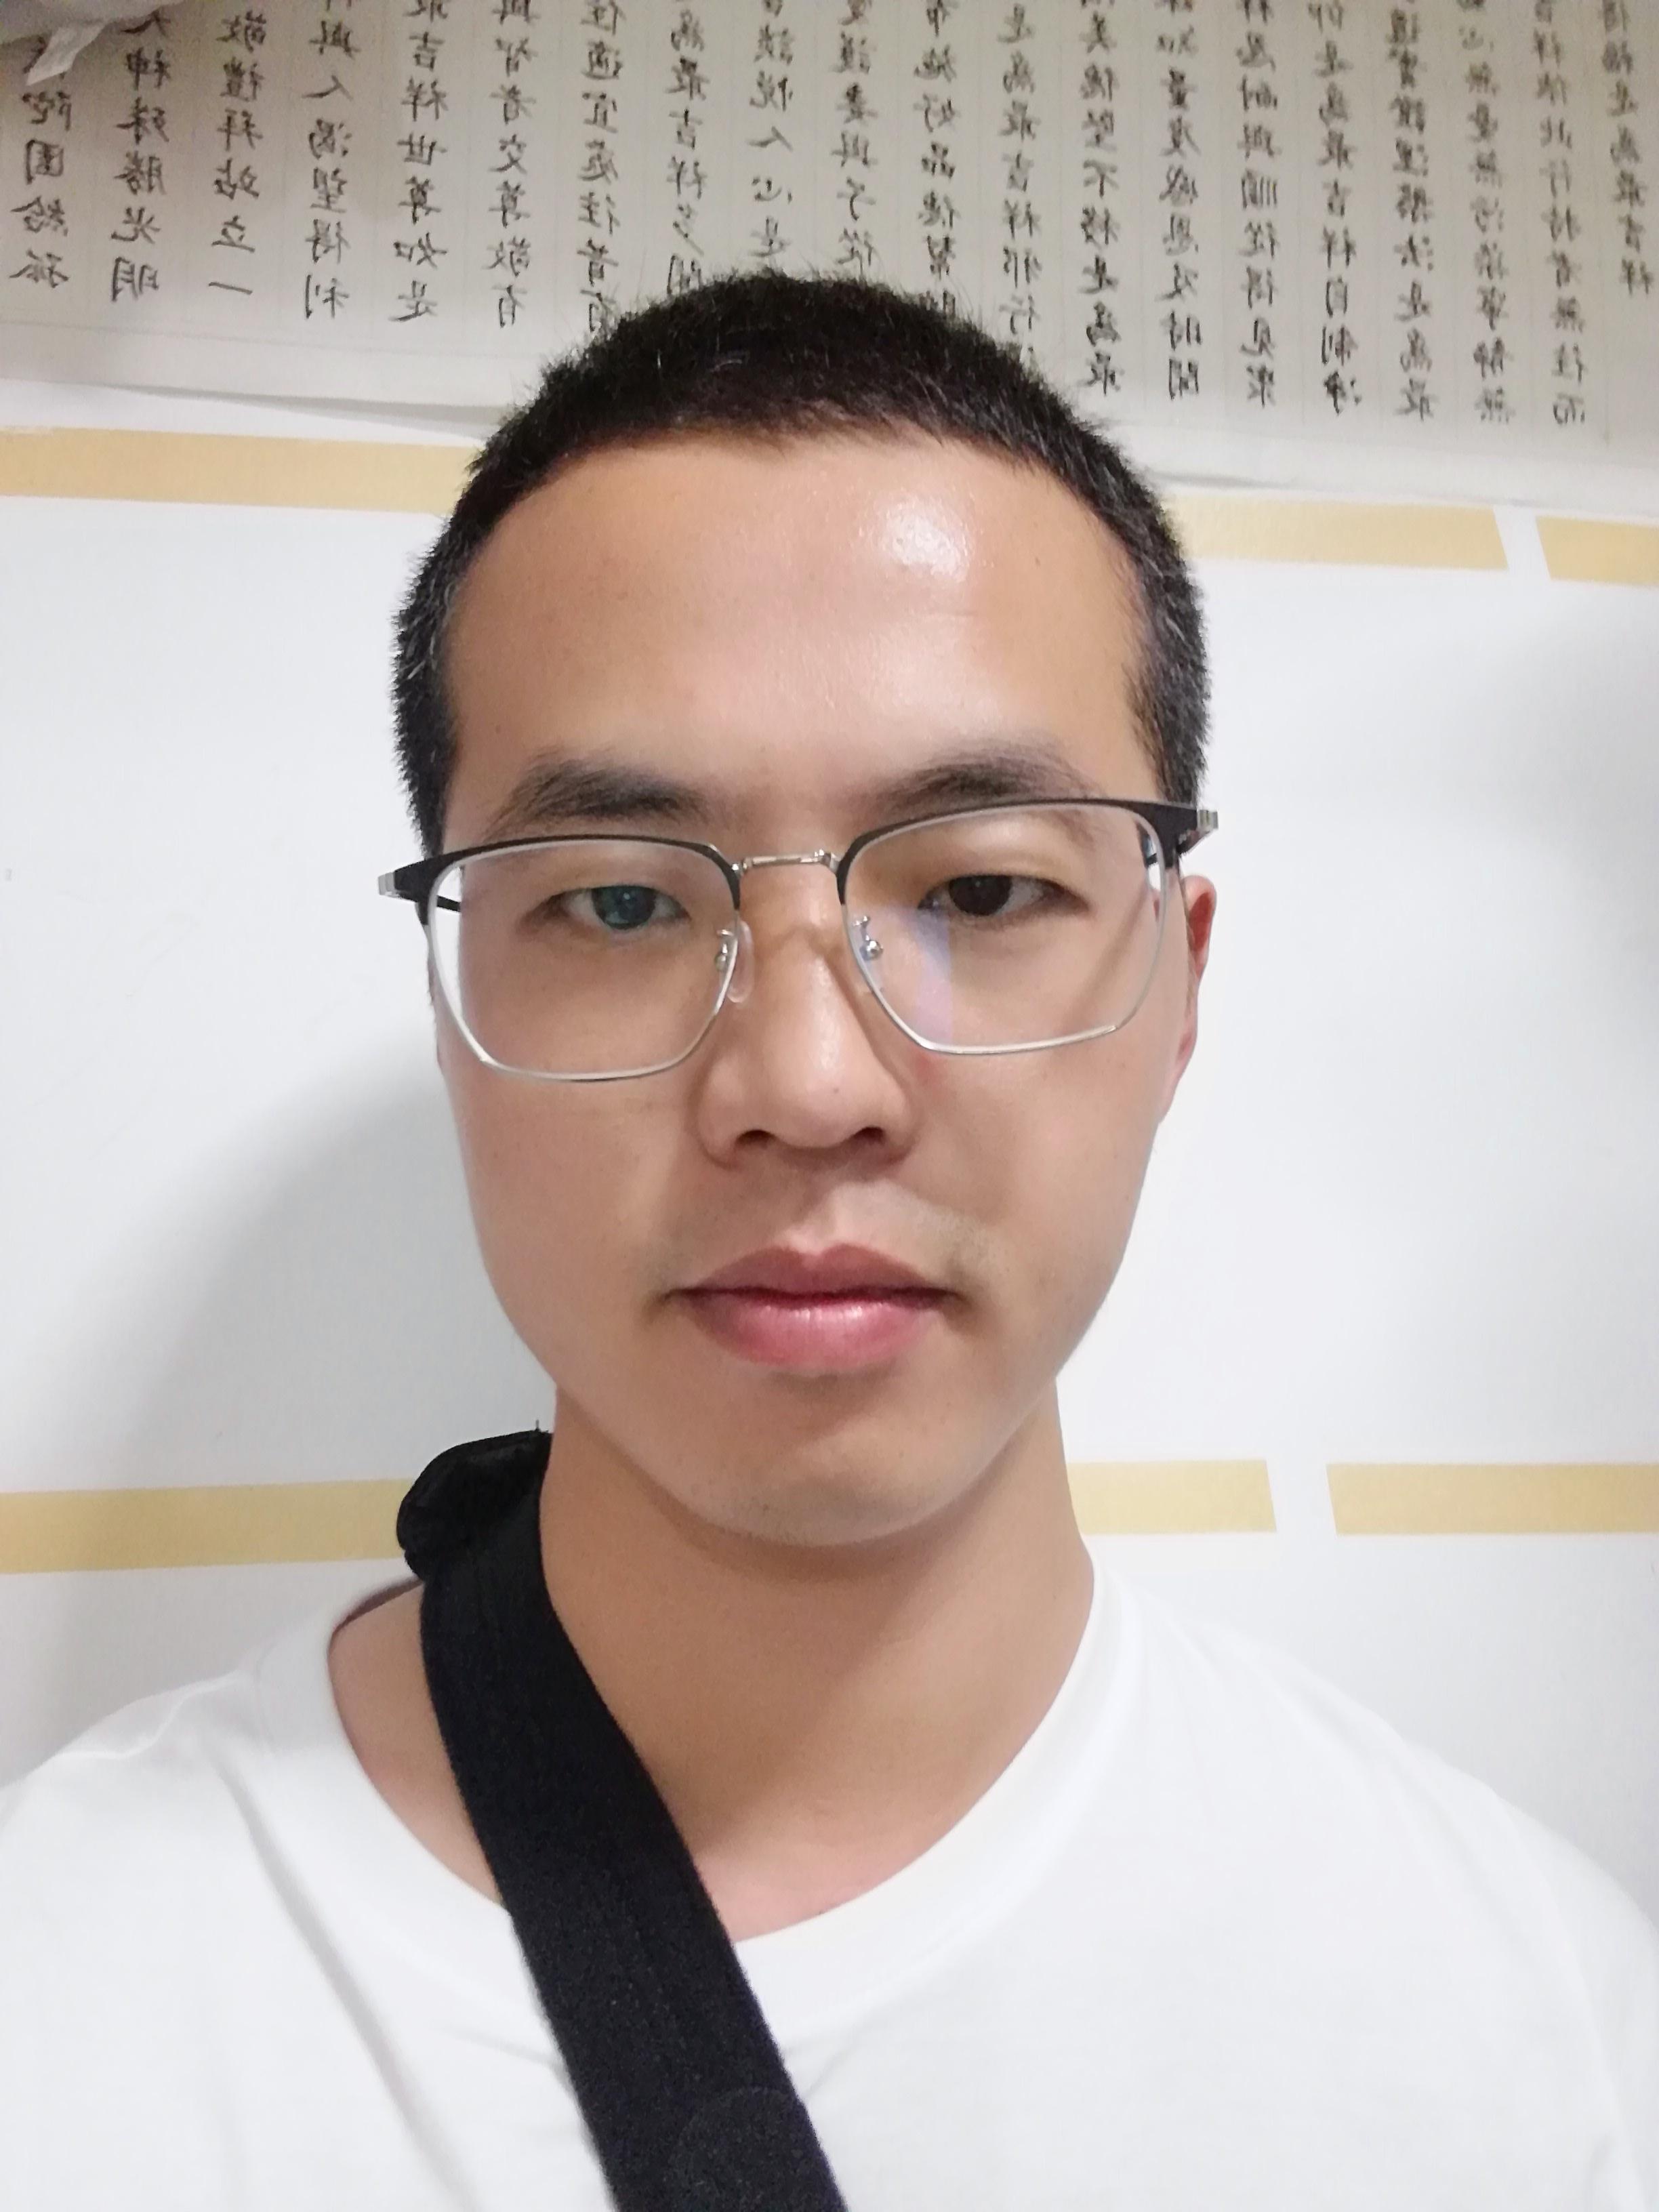 上海家教吕老师